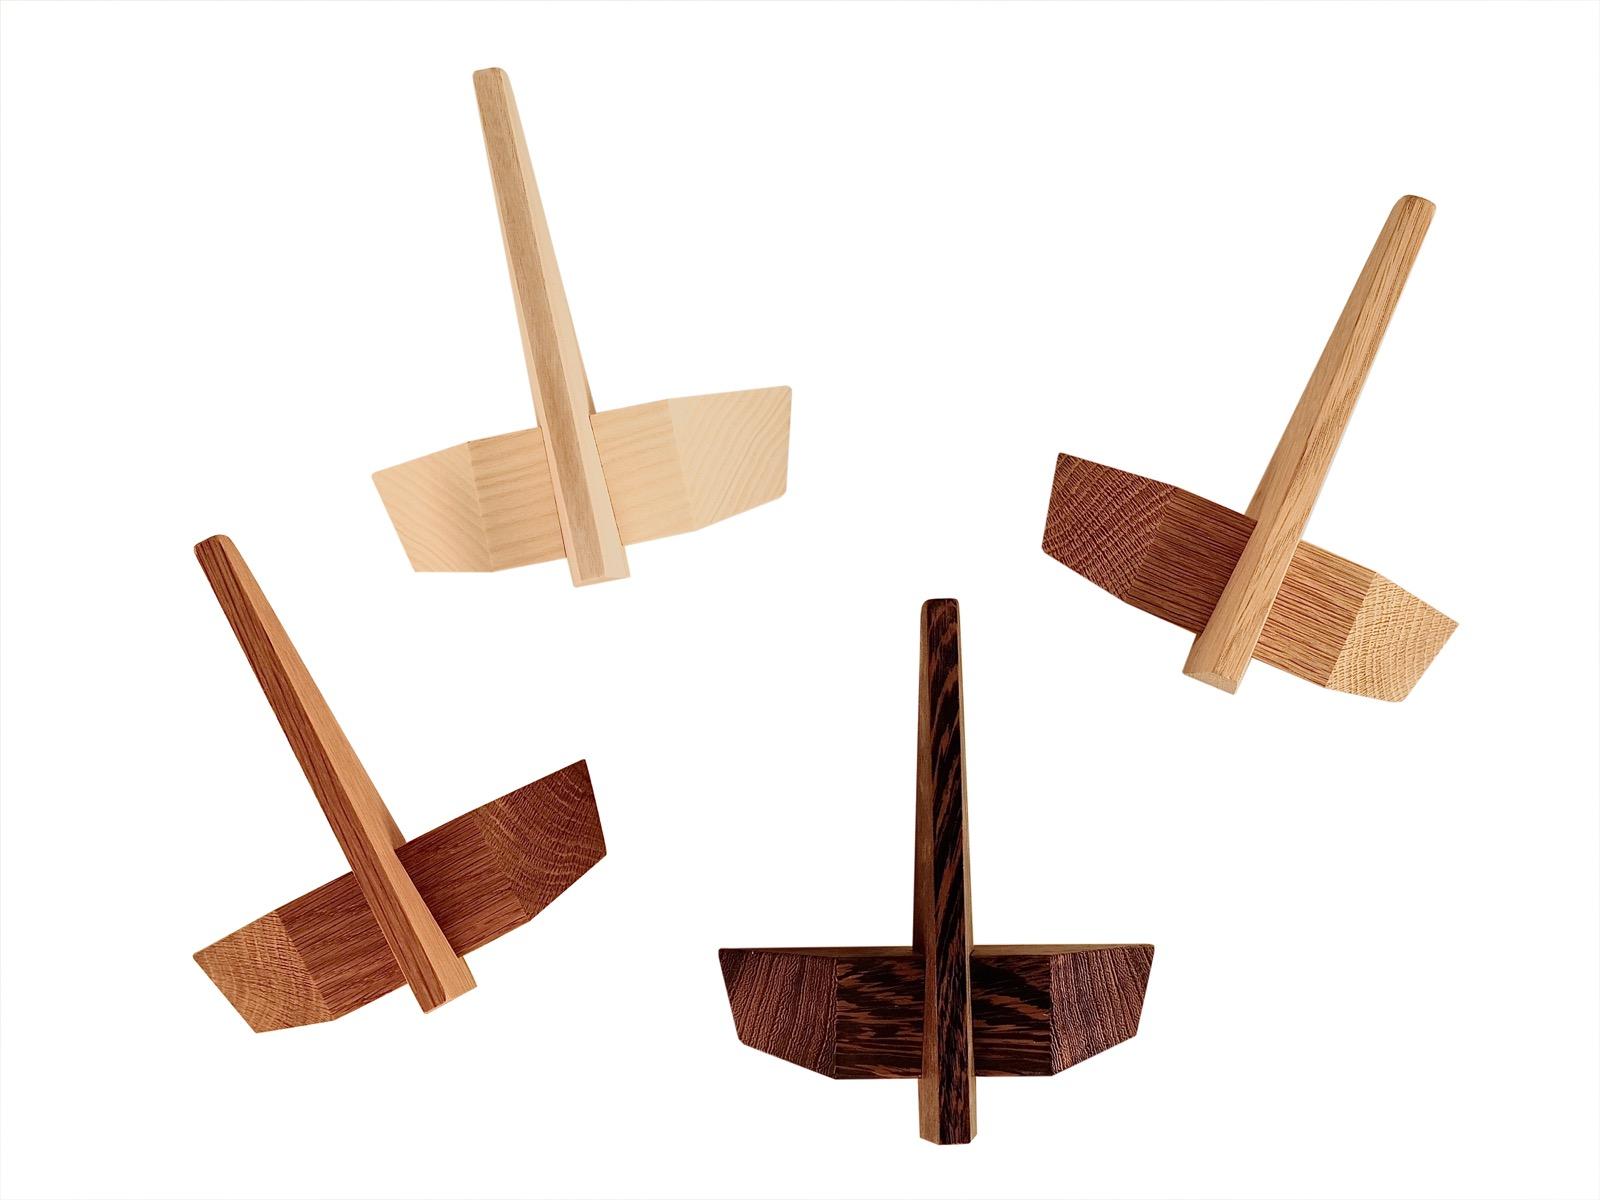 træ design knage   Hjuler.Design træ design